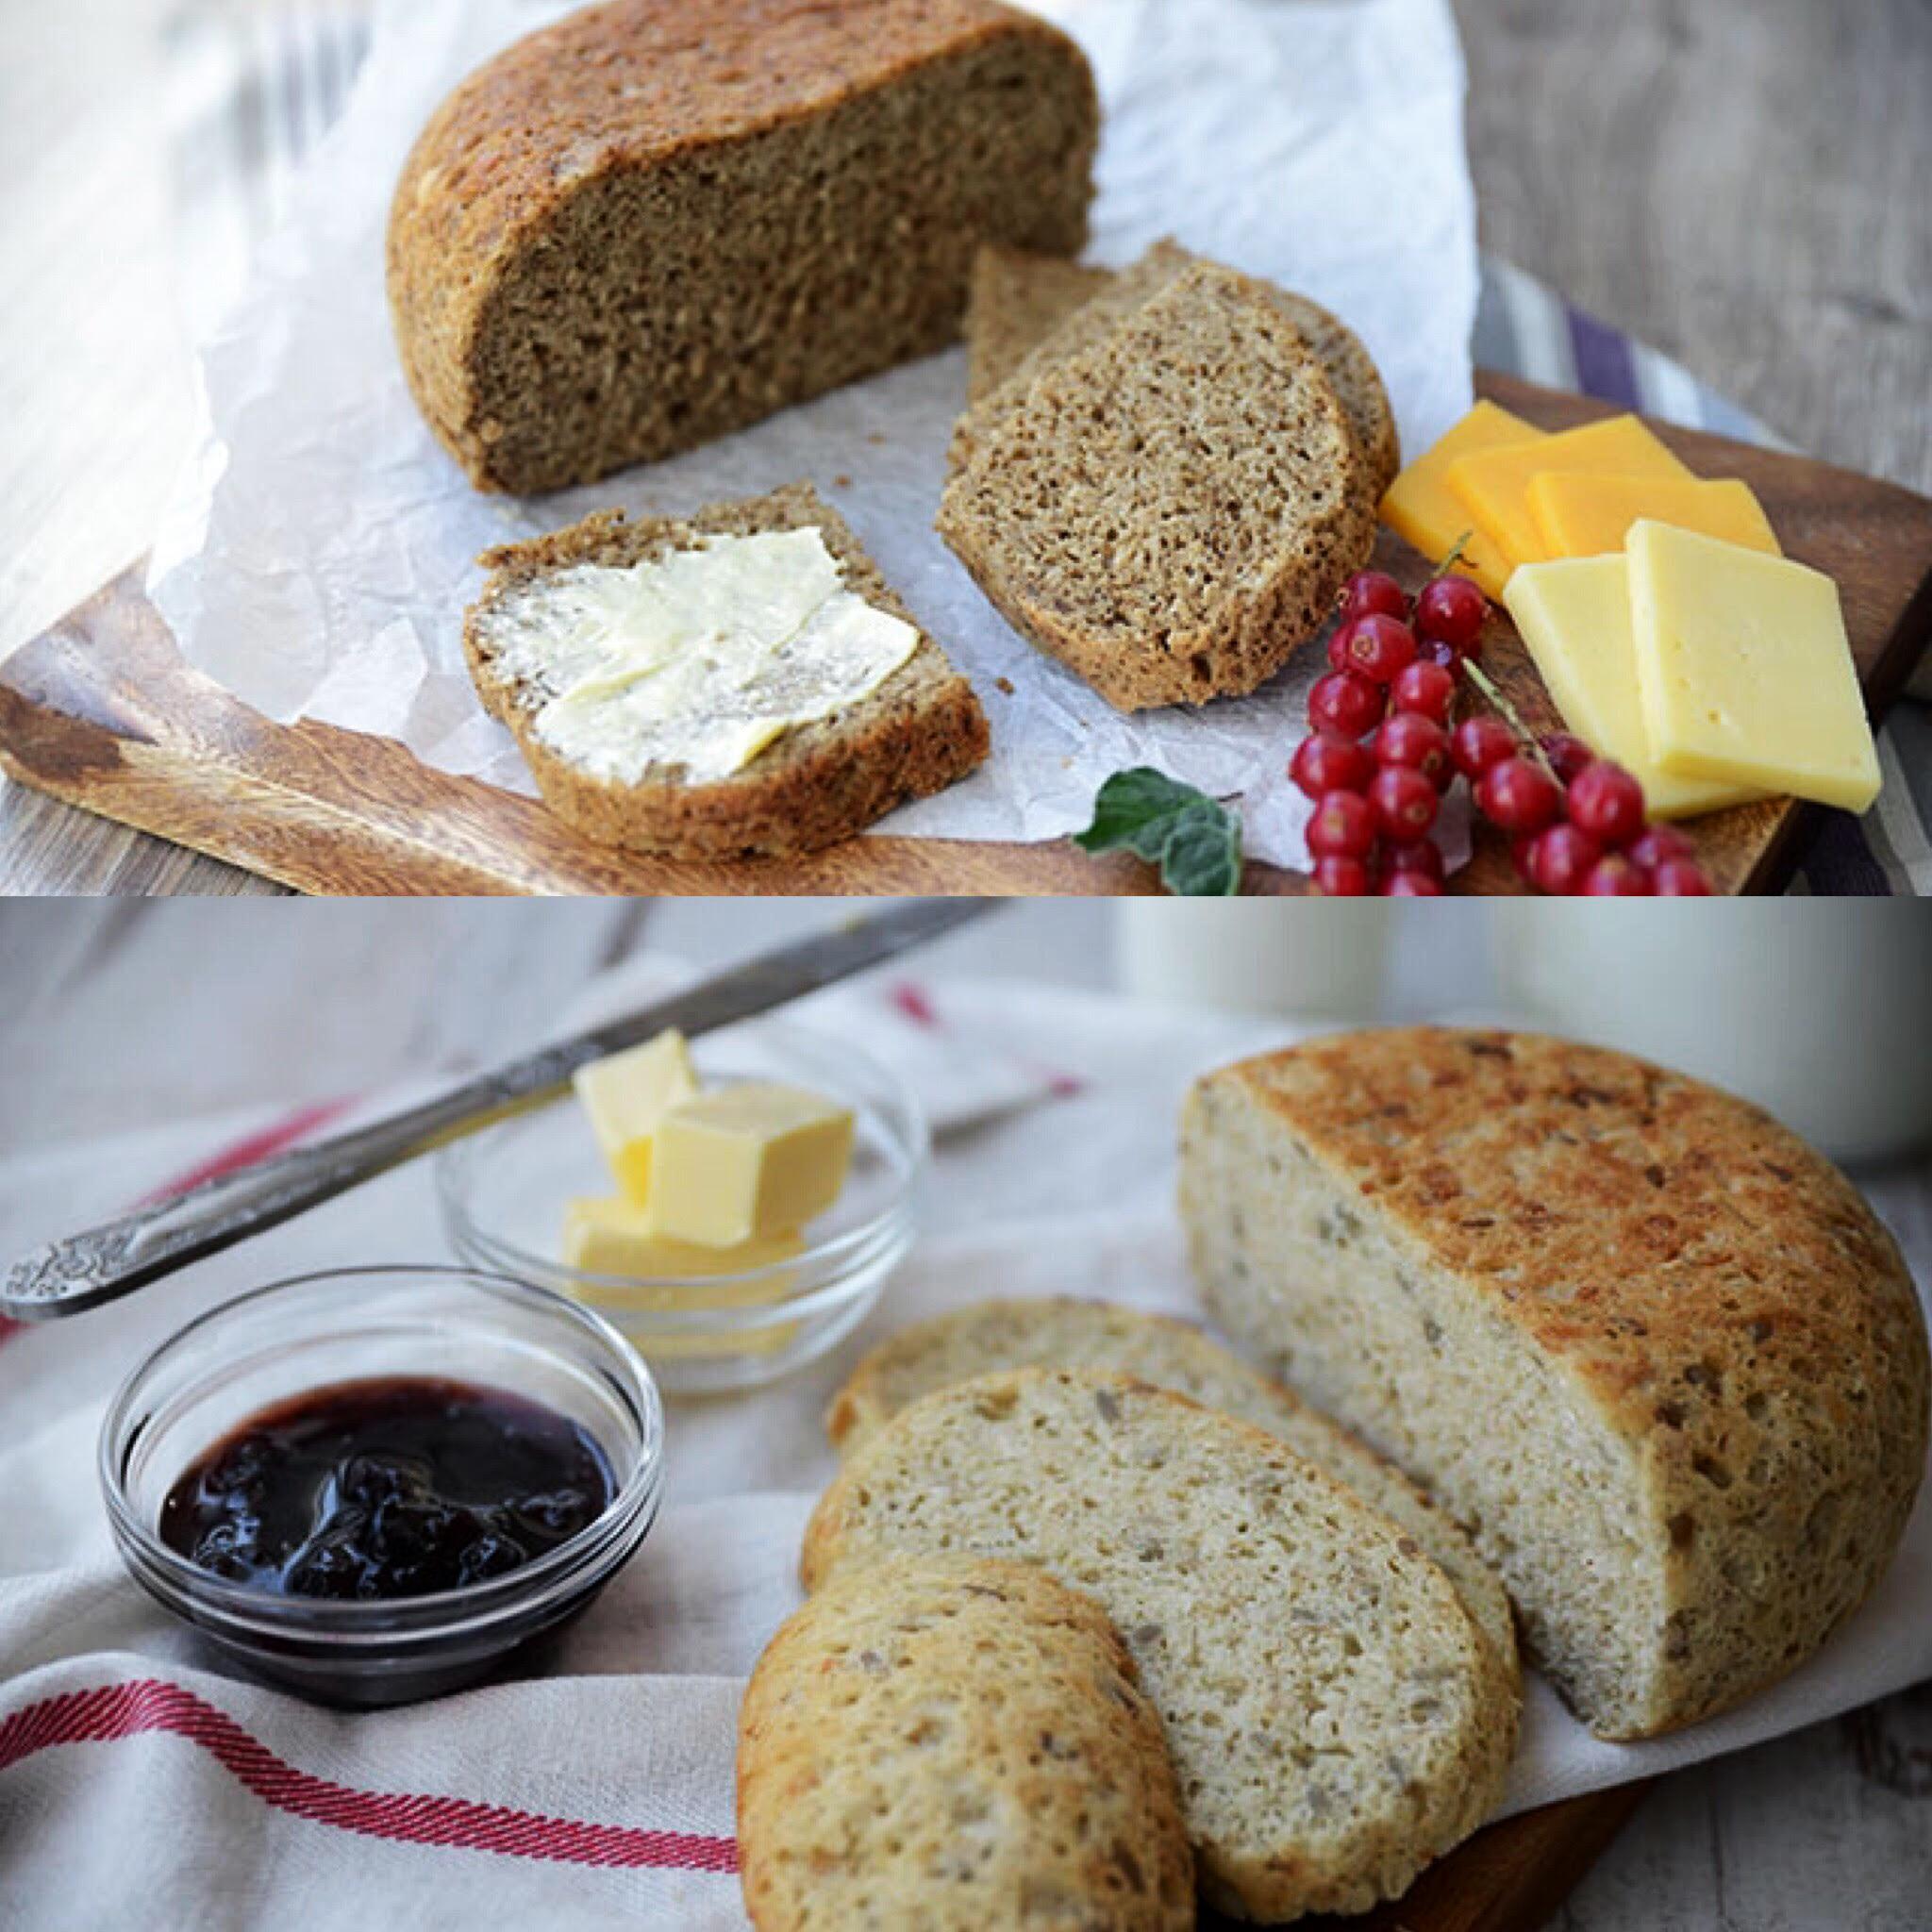 Хлебный край: эксклюзивные рецепты домашнего хлеба, которые сделают из вас настоящего пекаря